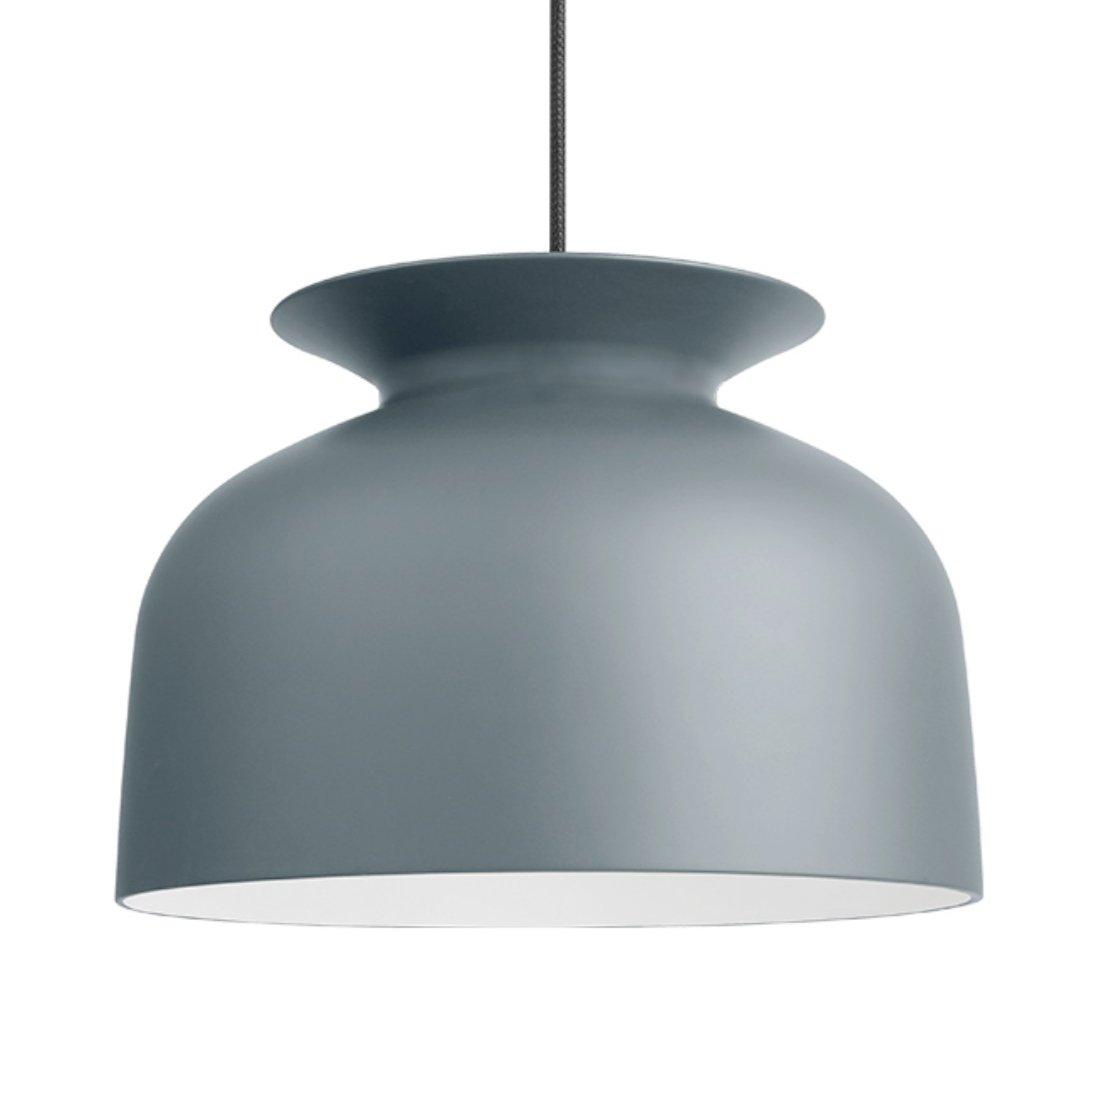 Gubi Ronde Hanglamp Large Grijs